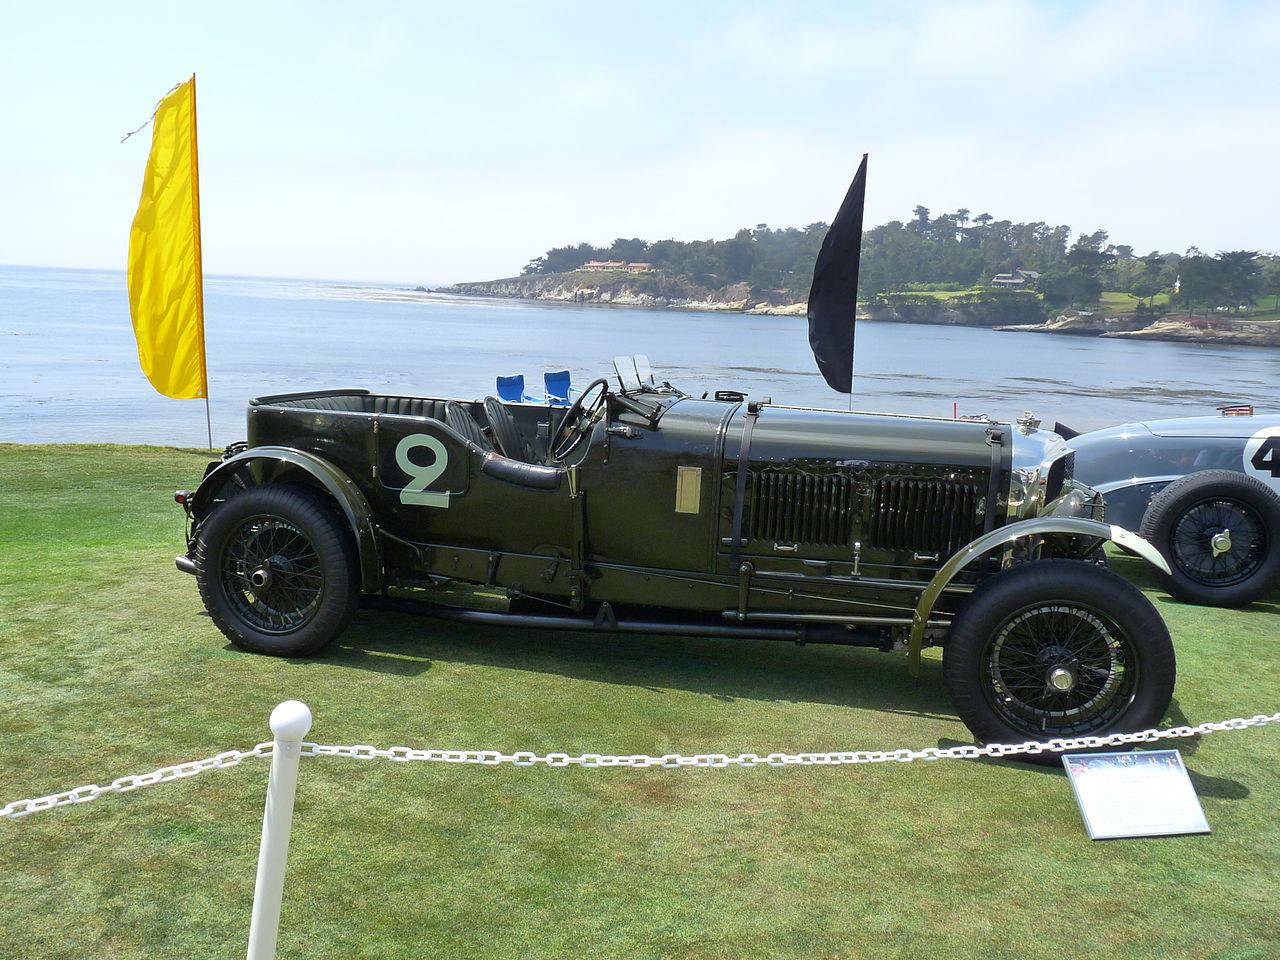 1280px-1930_Bentley_Speed_Six_Vanden_Plas_Tourer_%22Old_Number_2%22_%283828572587%29